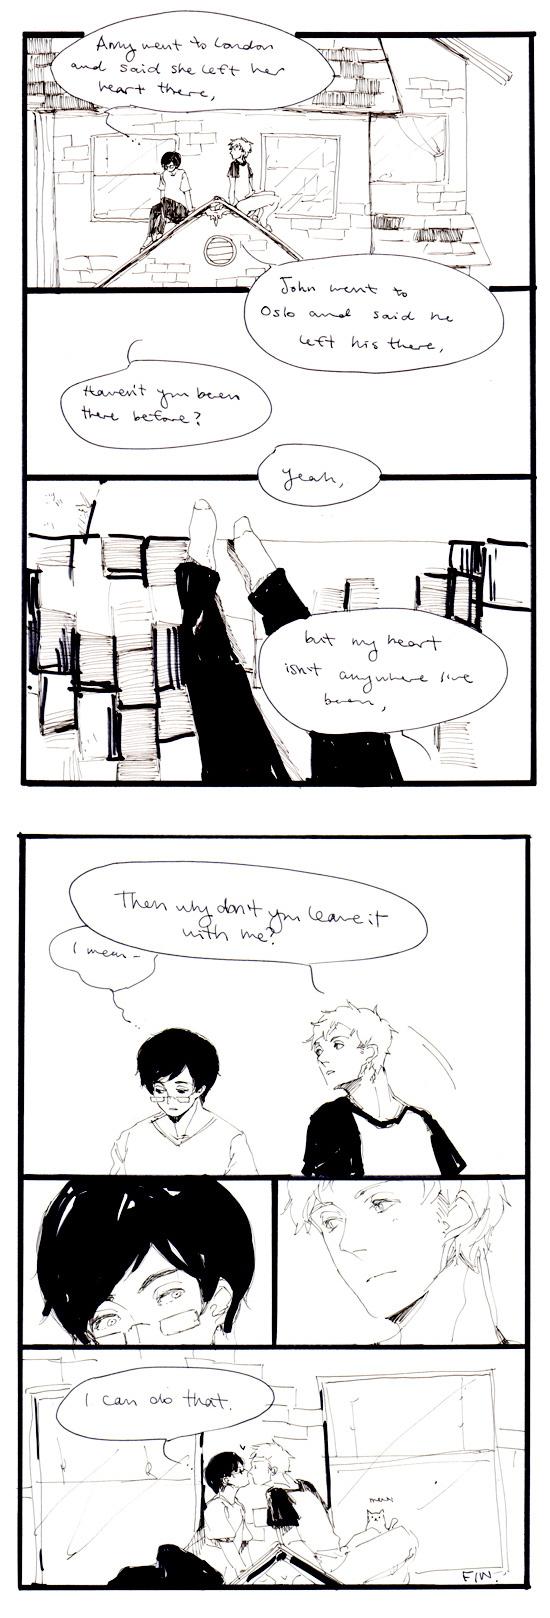 sketch comic by nnnnnnnnnnnnnnn